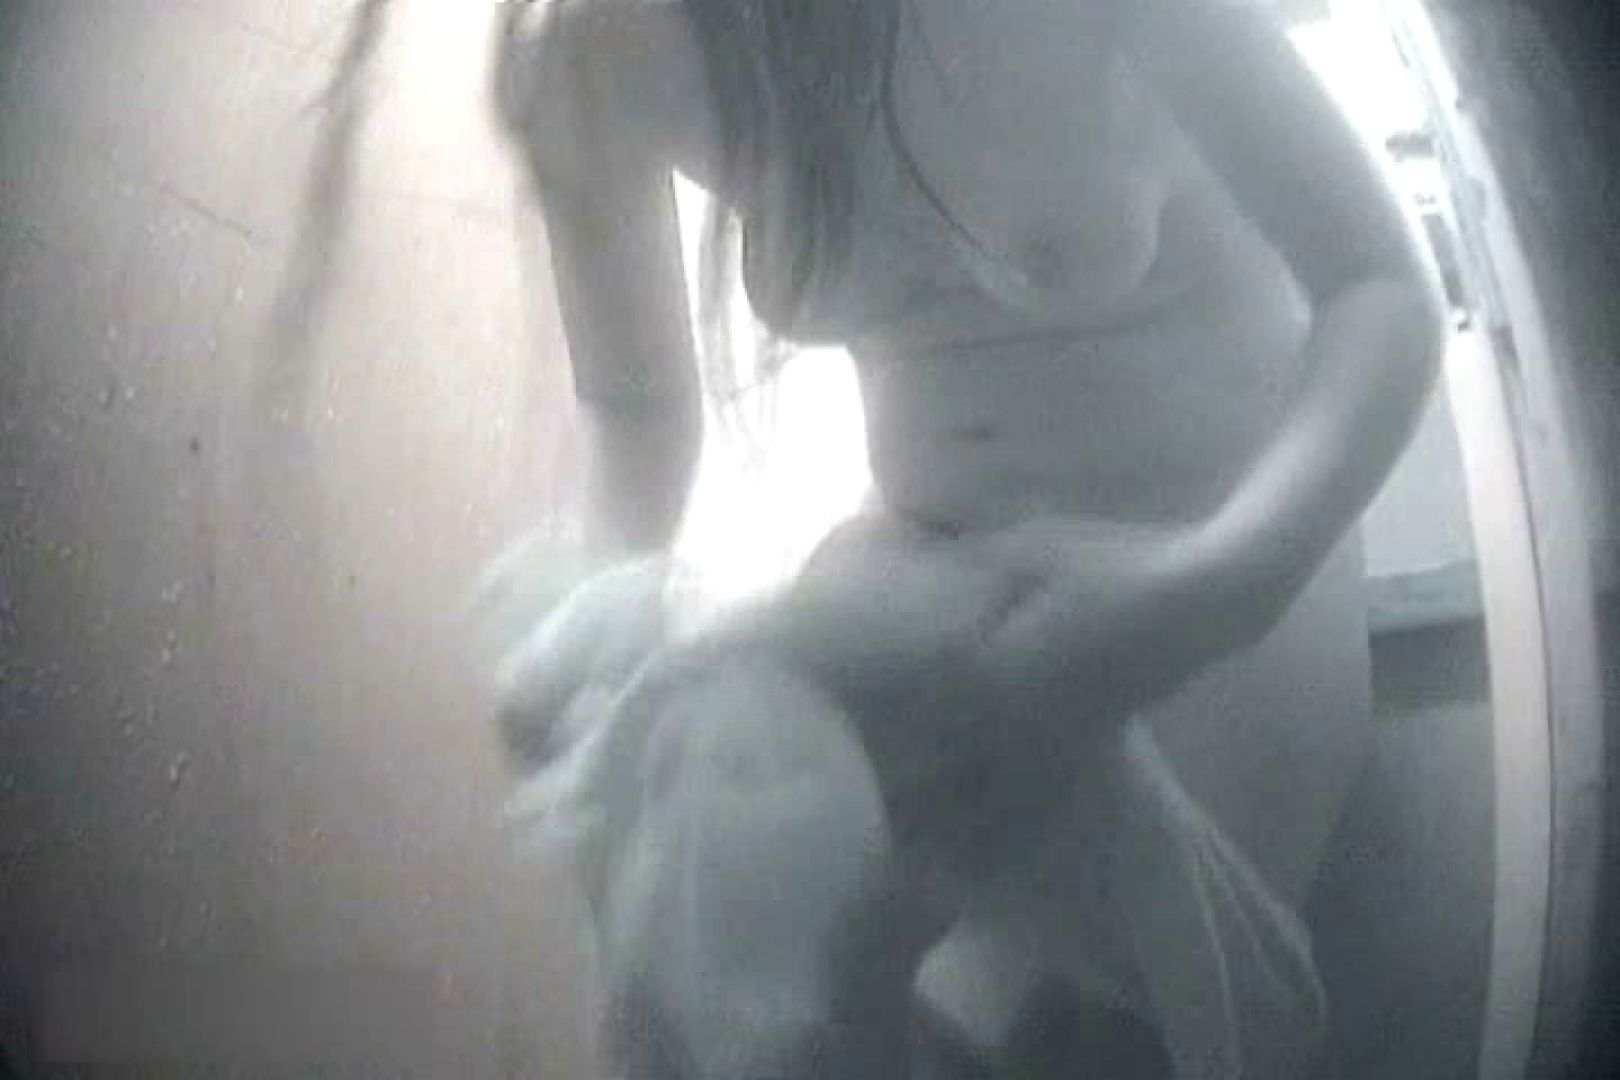 夏海シャワー室!ベトベトお肌をサラサラに!VOL.11 シャワー | OL女体  105連発 43